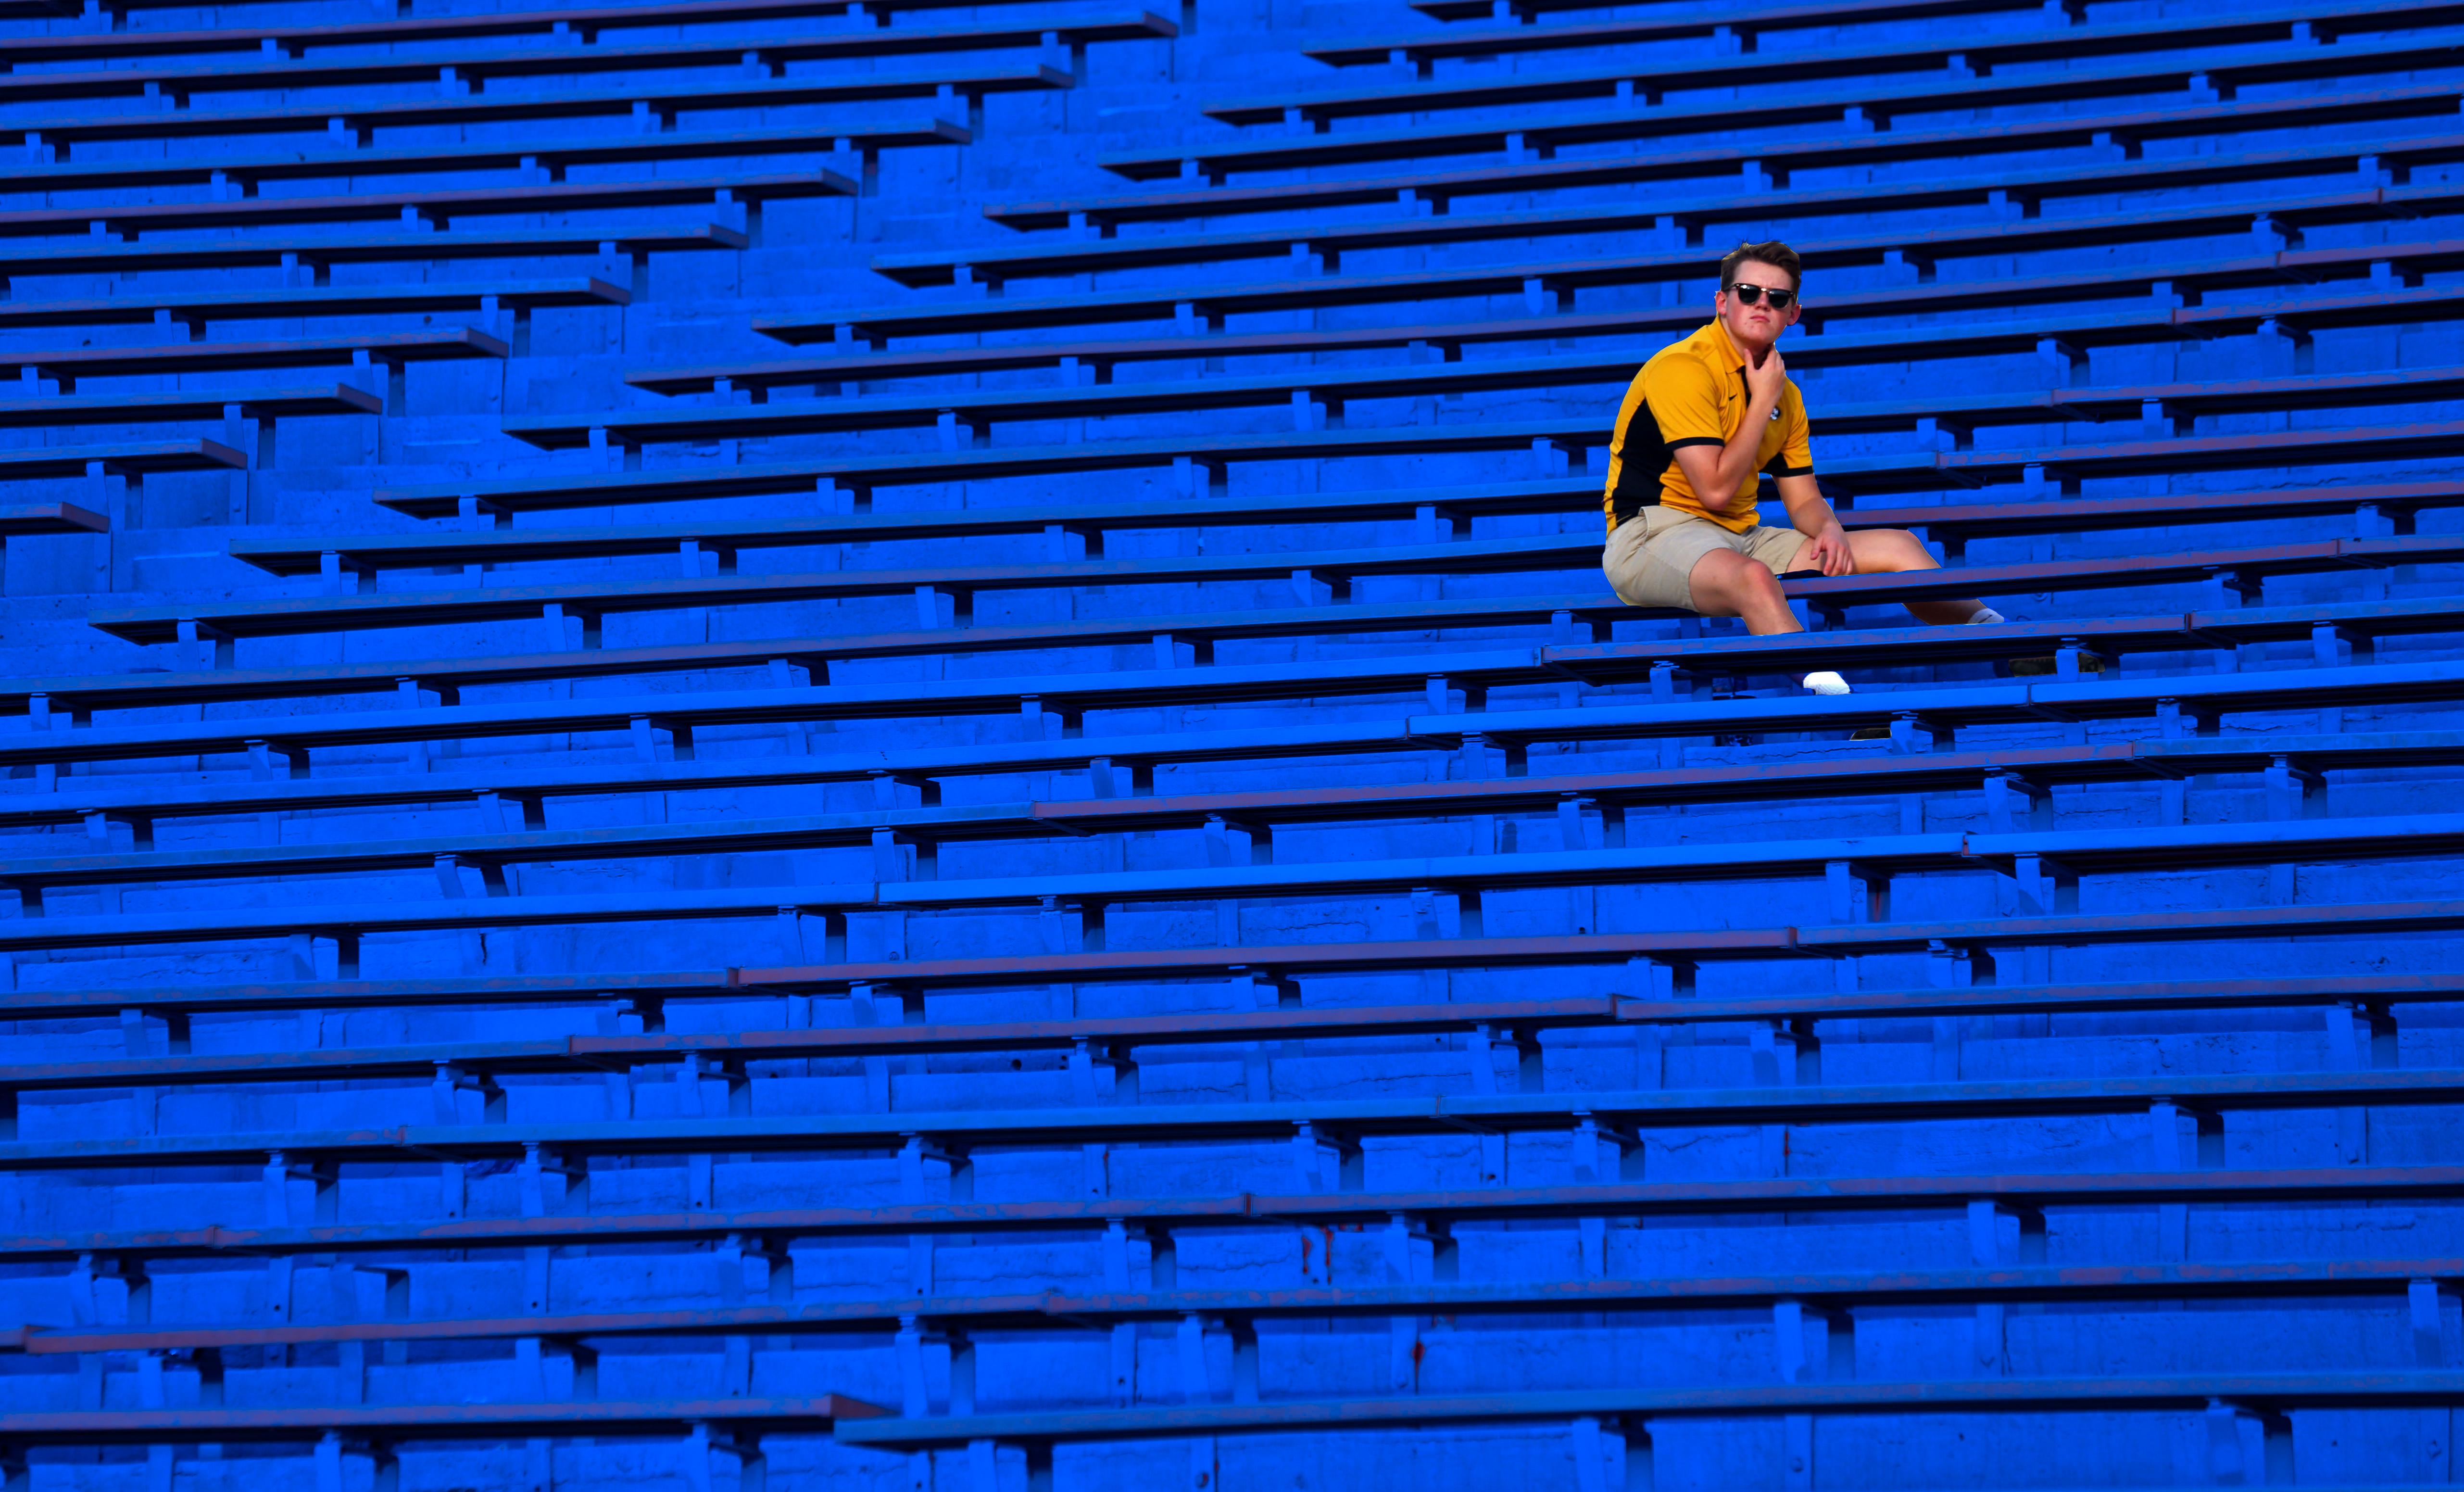 A fan sitting in the bleachers alone.